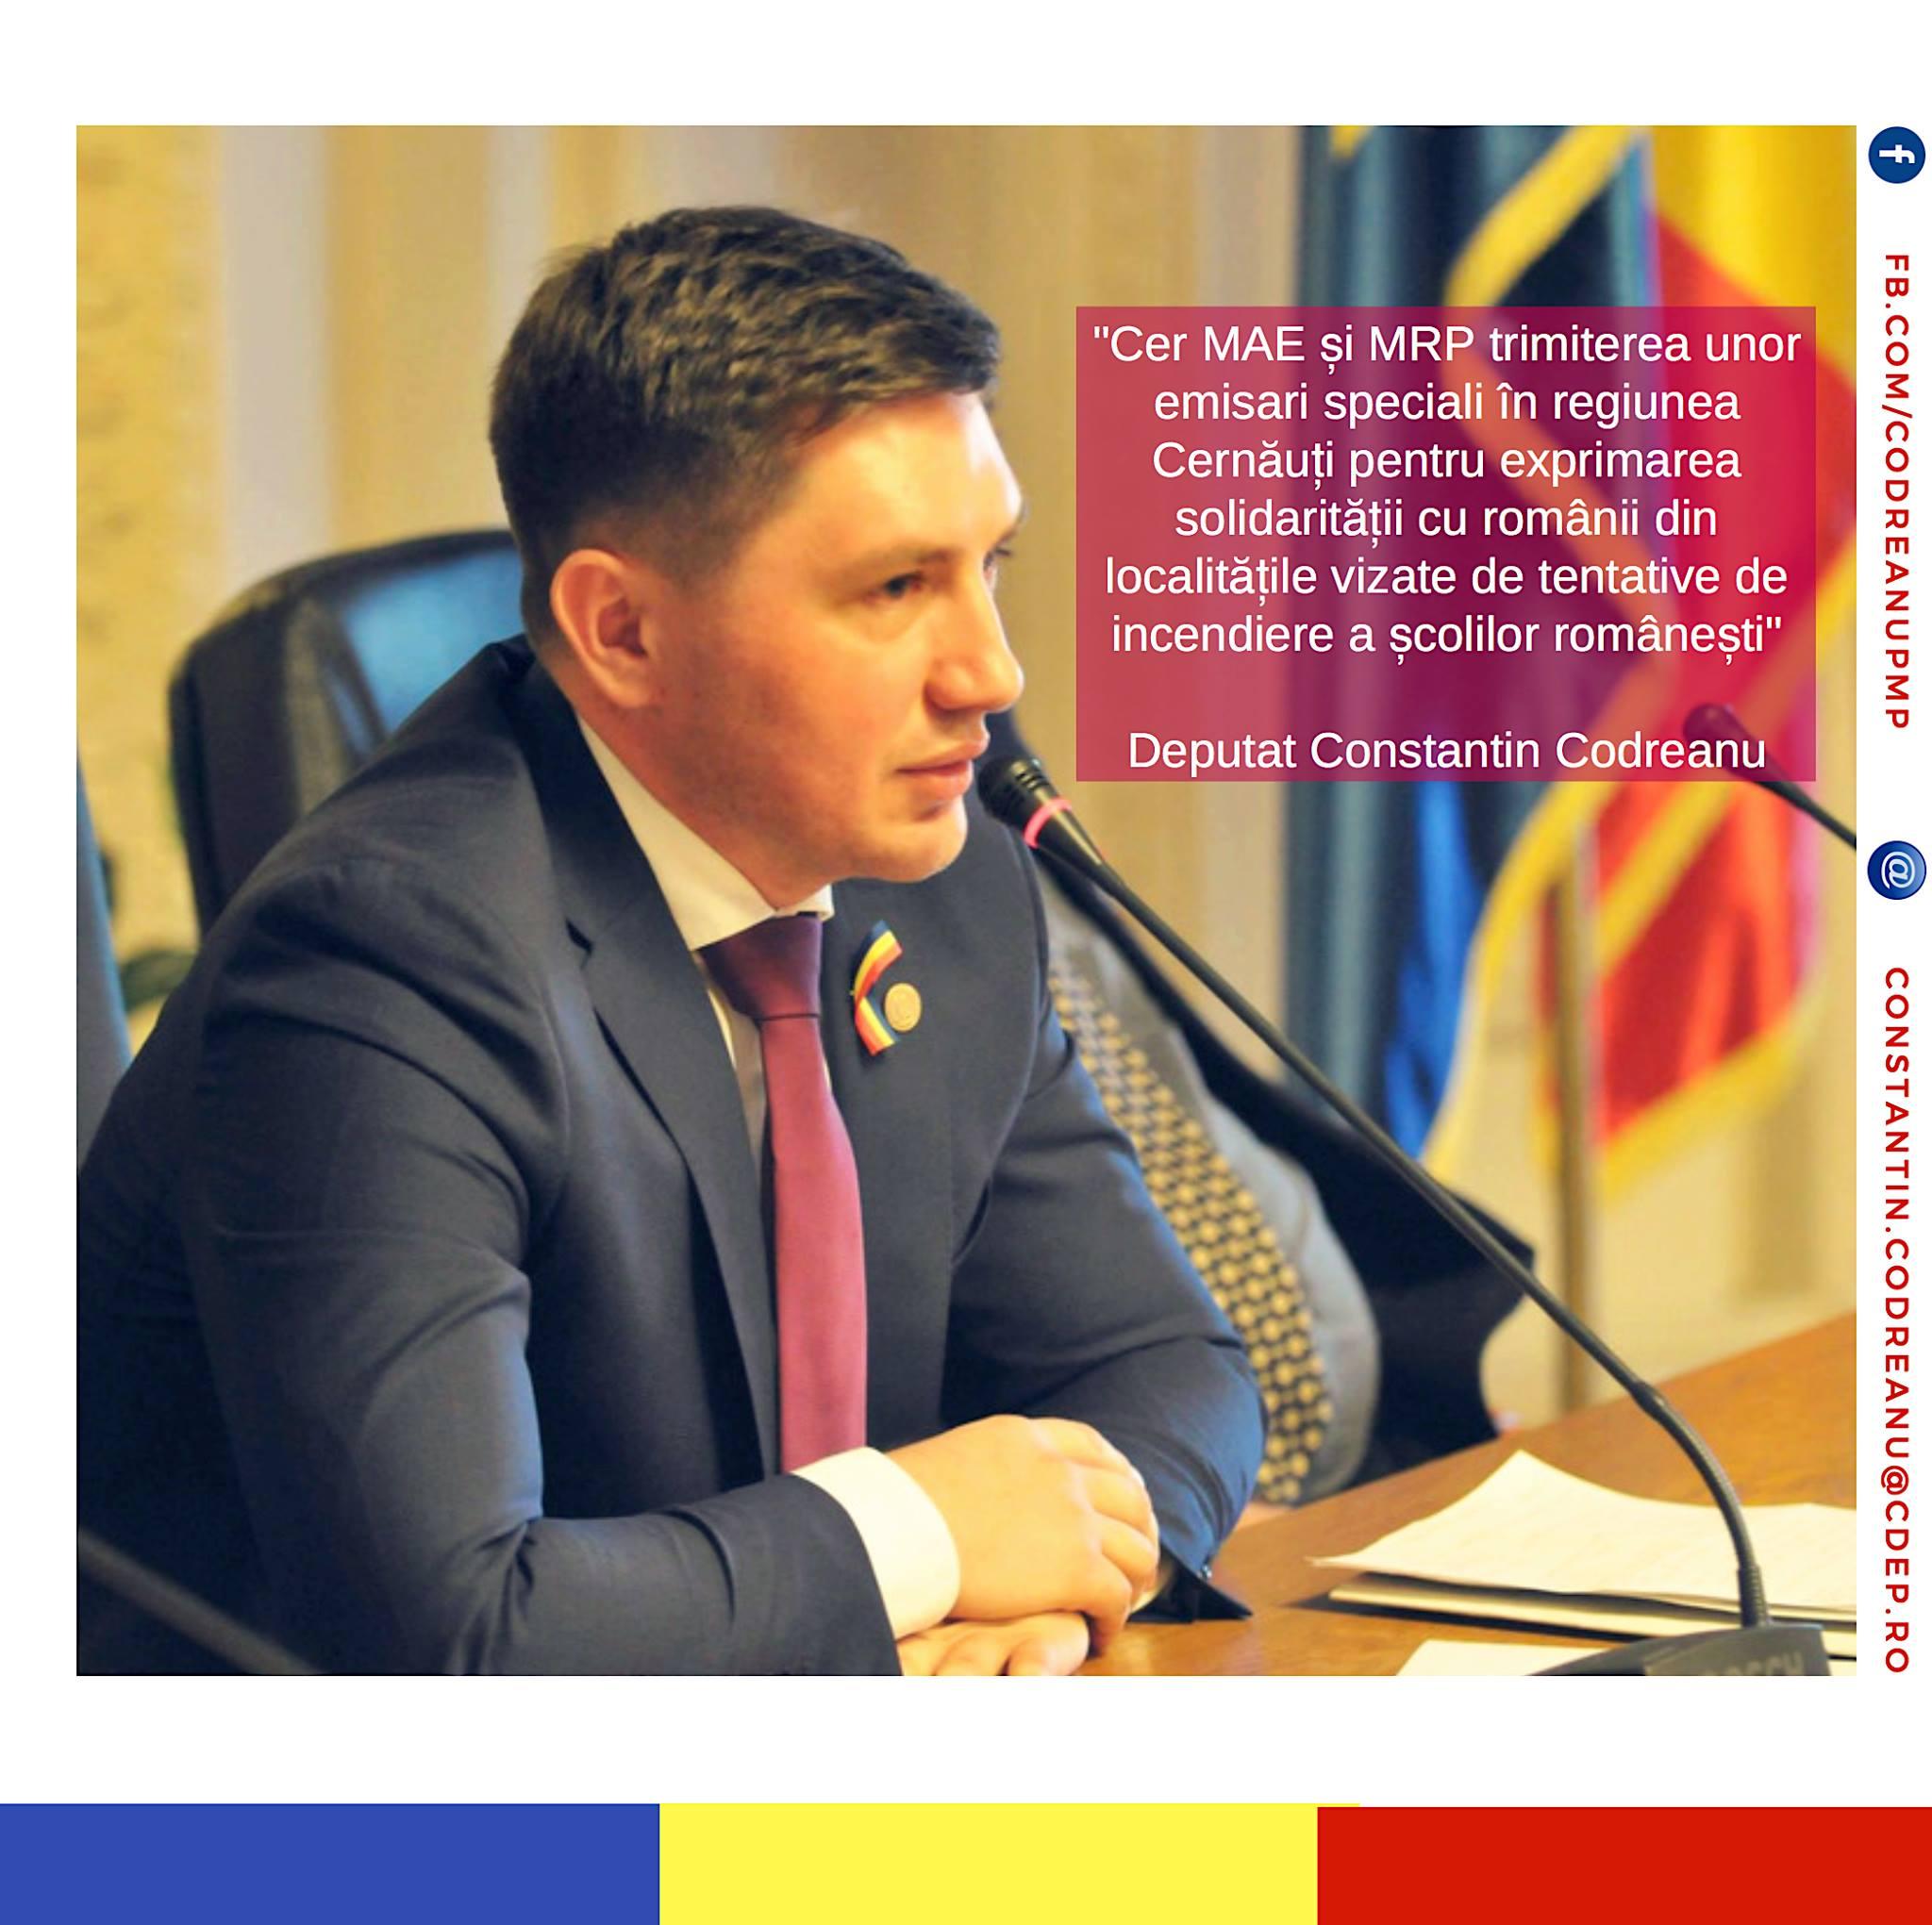 Constantin Codreanu Cernauti Ministerul Afacerilor Externe Ucraina